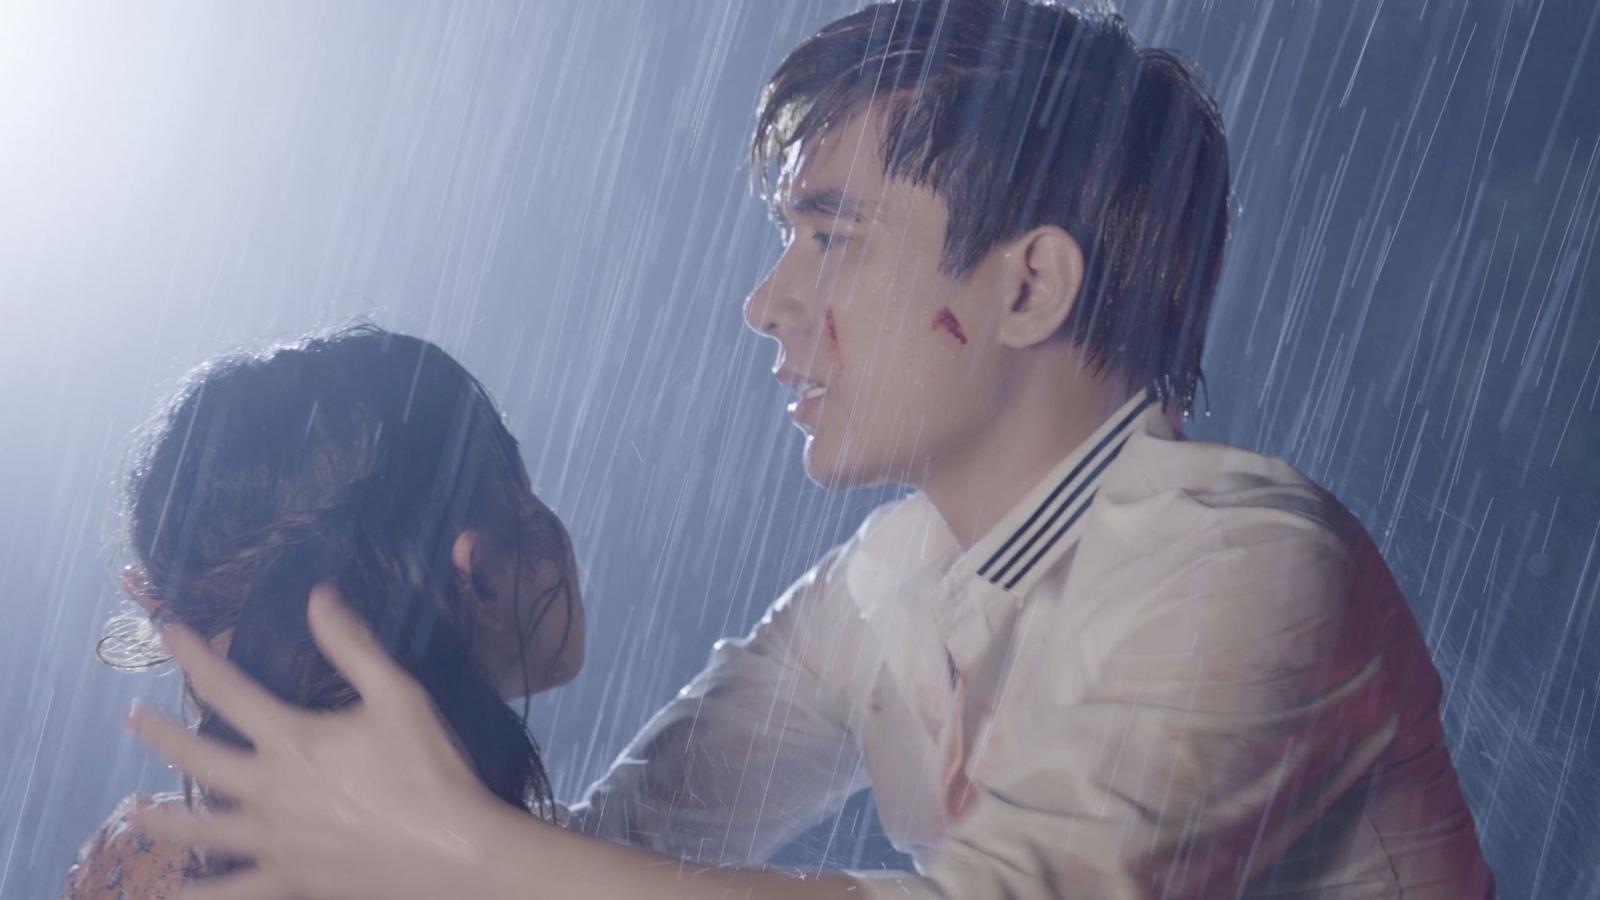 """Nhật Phong """"nhá hàng"""" hình ảnhMV mới, hứa hẹn bùng nổsau hit """"Anh từng cố gắng"""""""